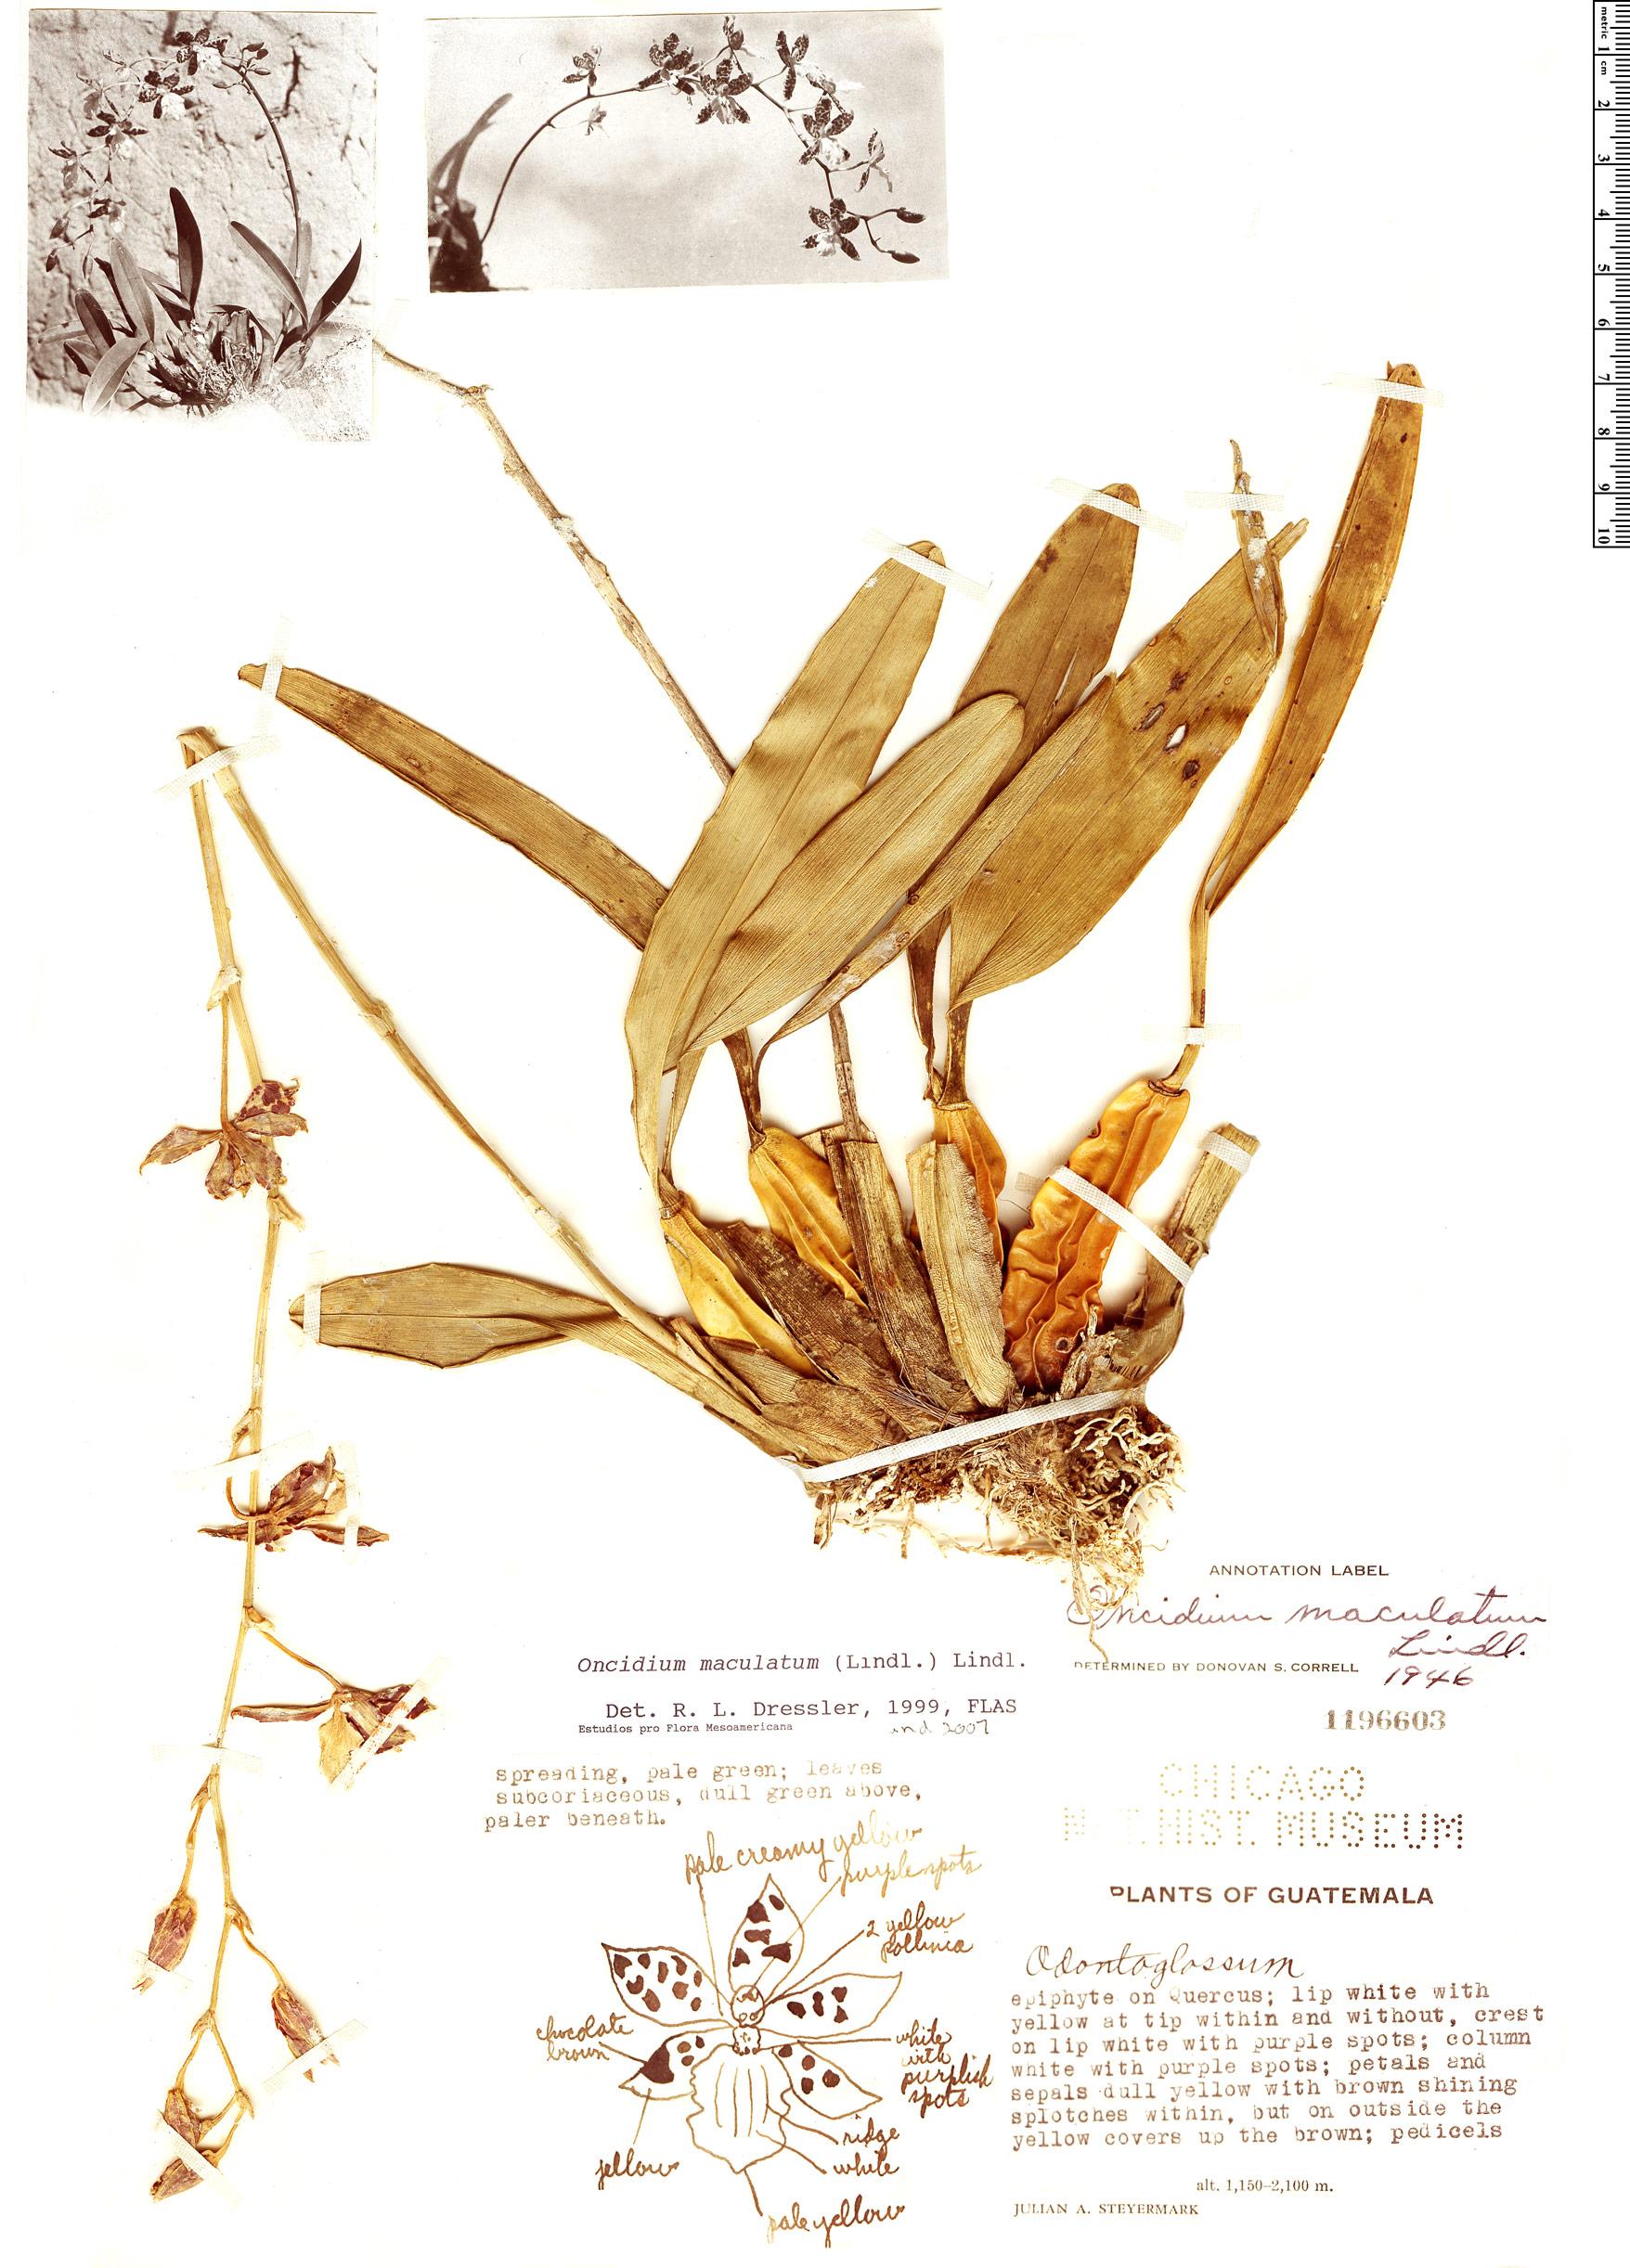 Specimen: Oncidium maculatum